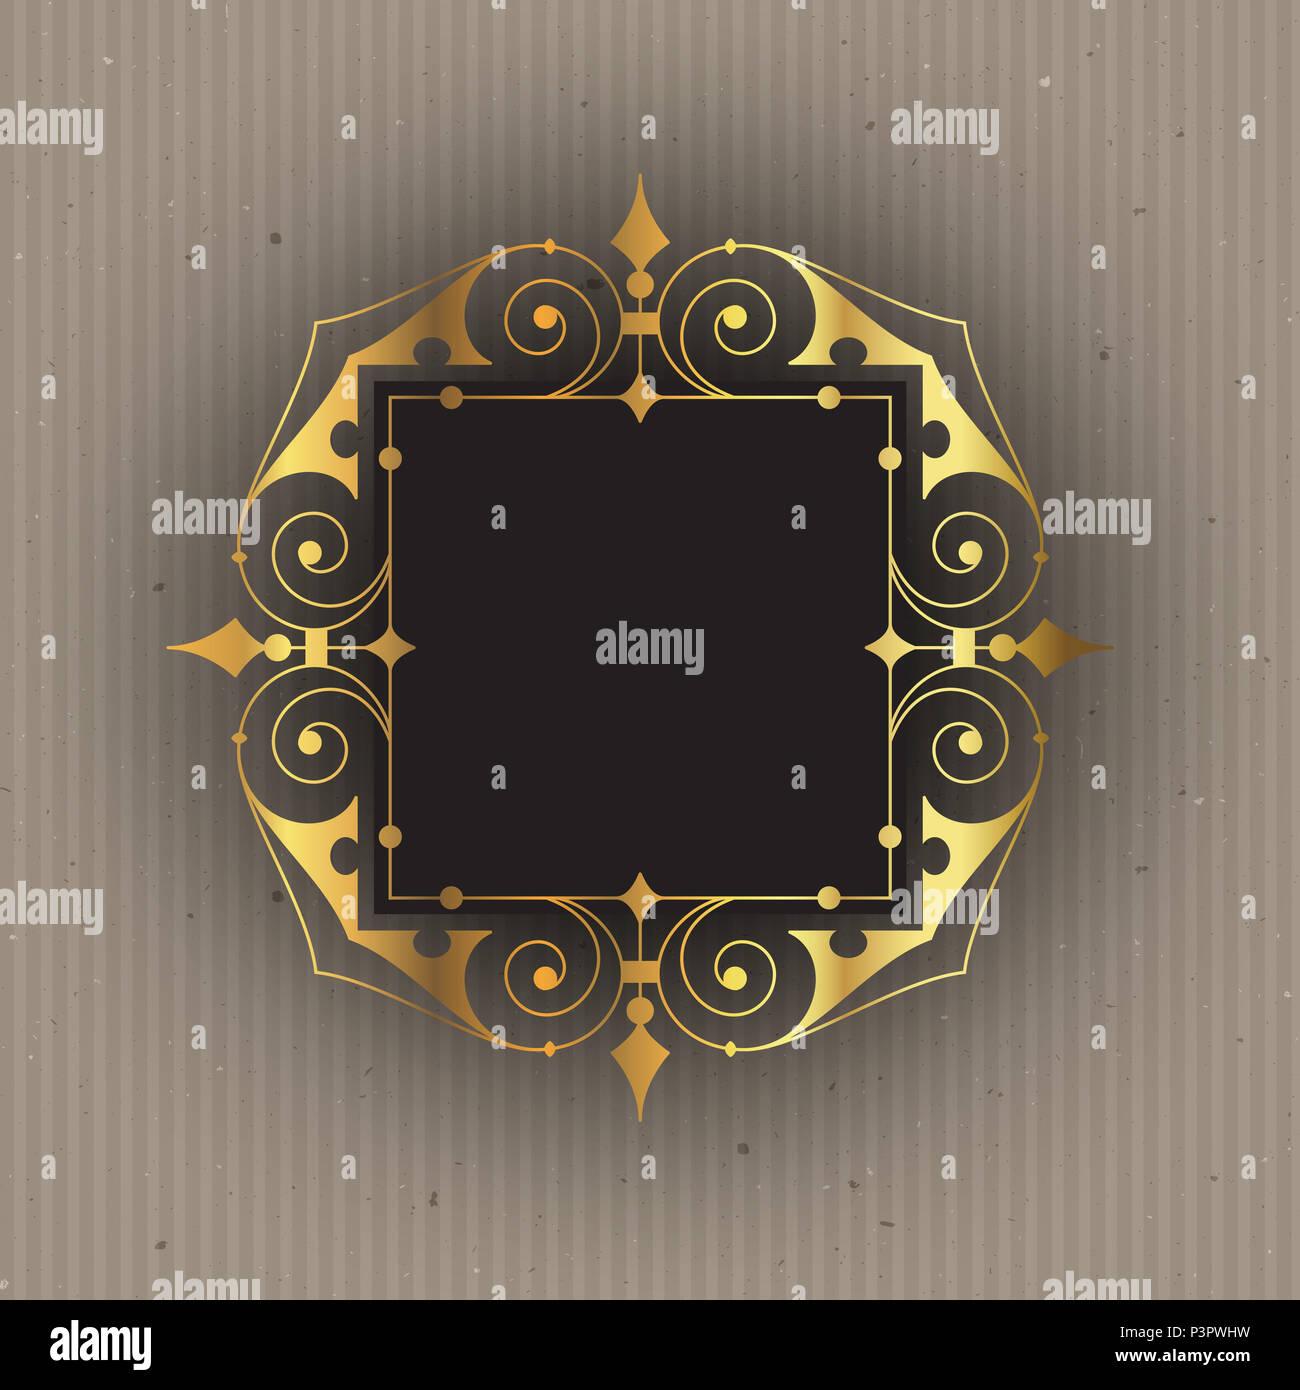 Dekorative Rahmen auf eine Pappe stil hintergrund Stockfoto, Bild ...